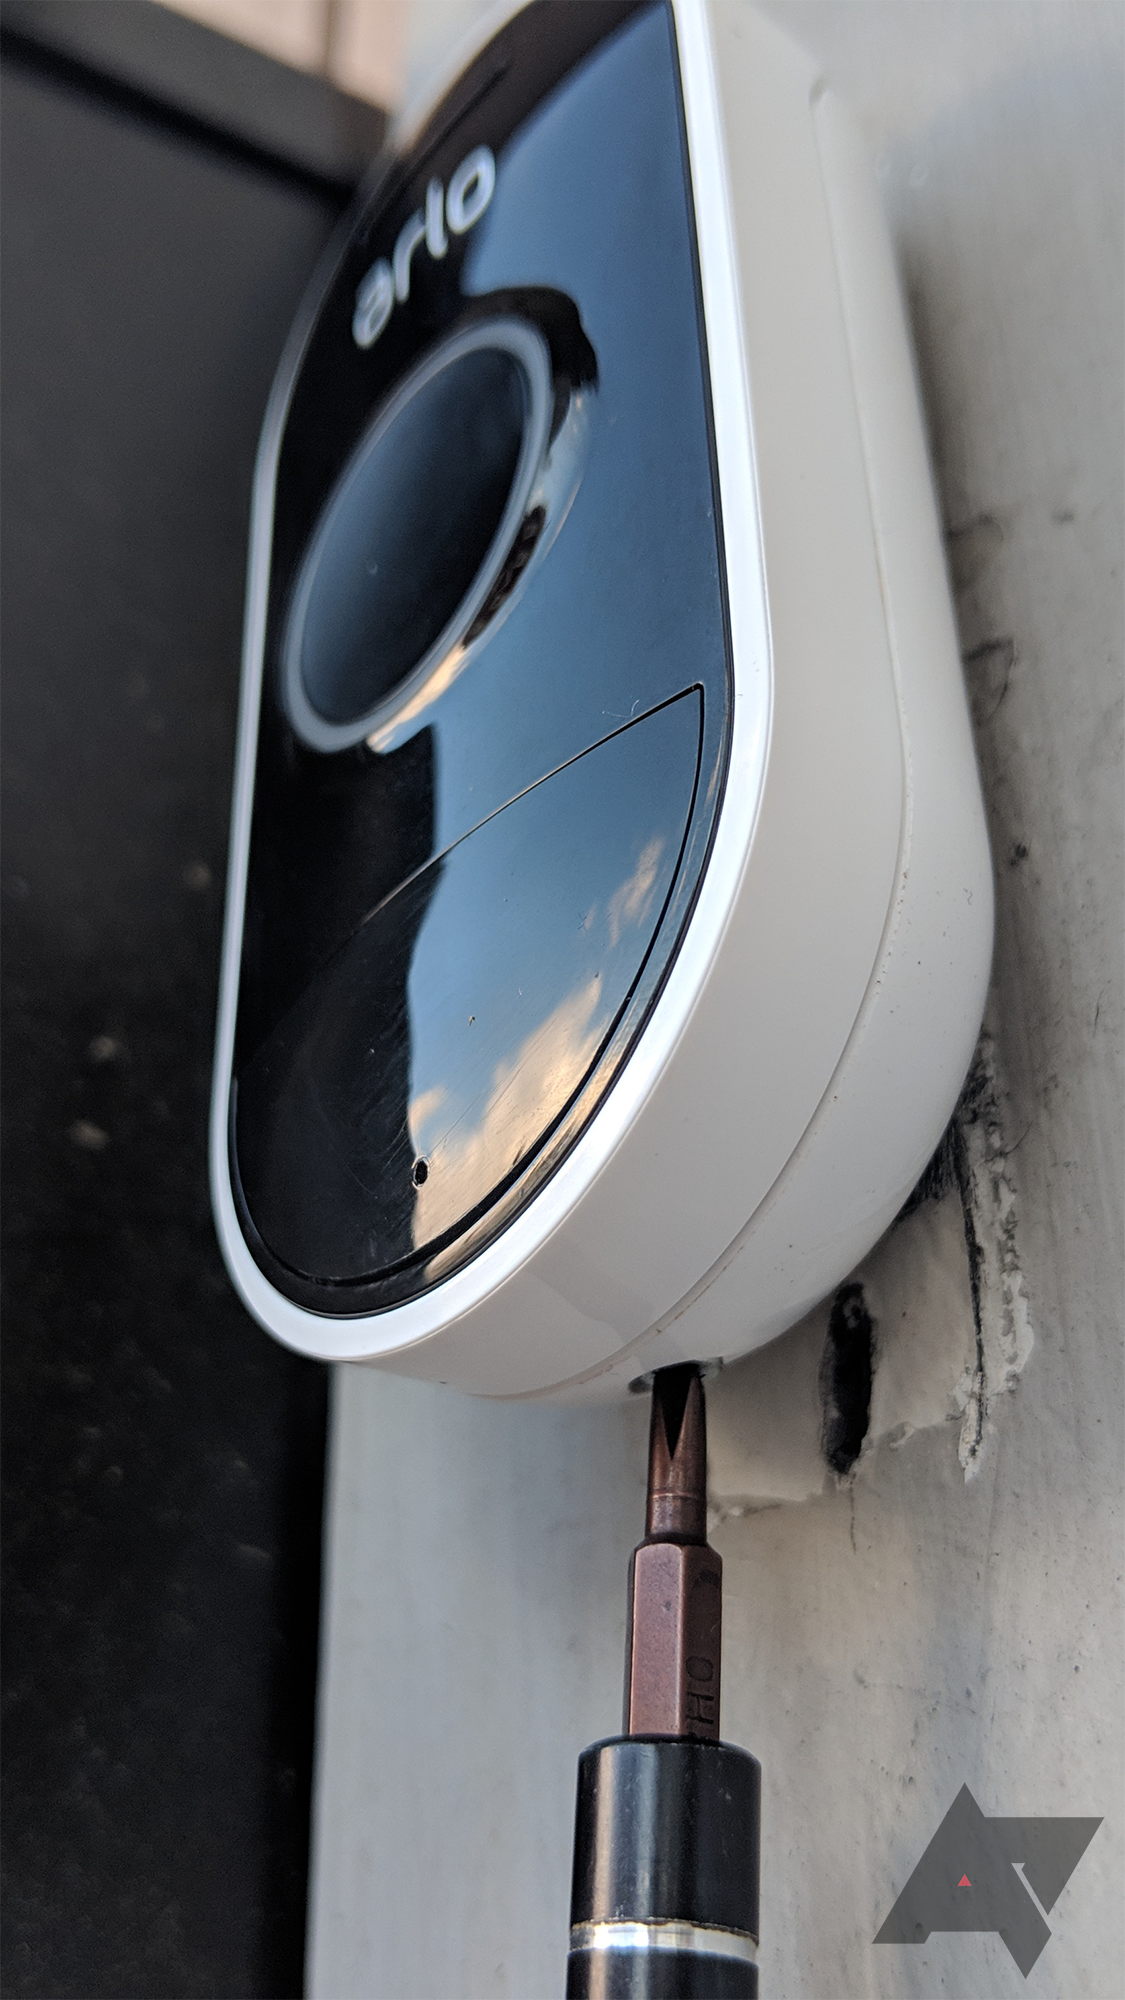 arlo-doorbell-mount- What Is A Doorbell Wiring on wiring smoke detectors, 2 bells wiring for doorbell, household wiring doorbell, repair a doorbell, wiring ceiling fan, wiring switch, wiring light, wiring multiple doorbells,